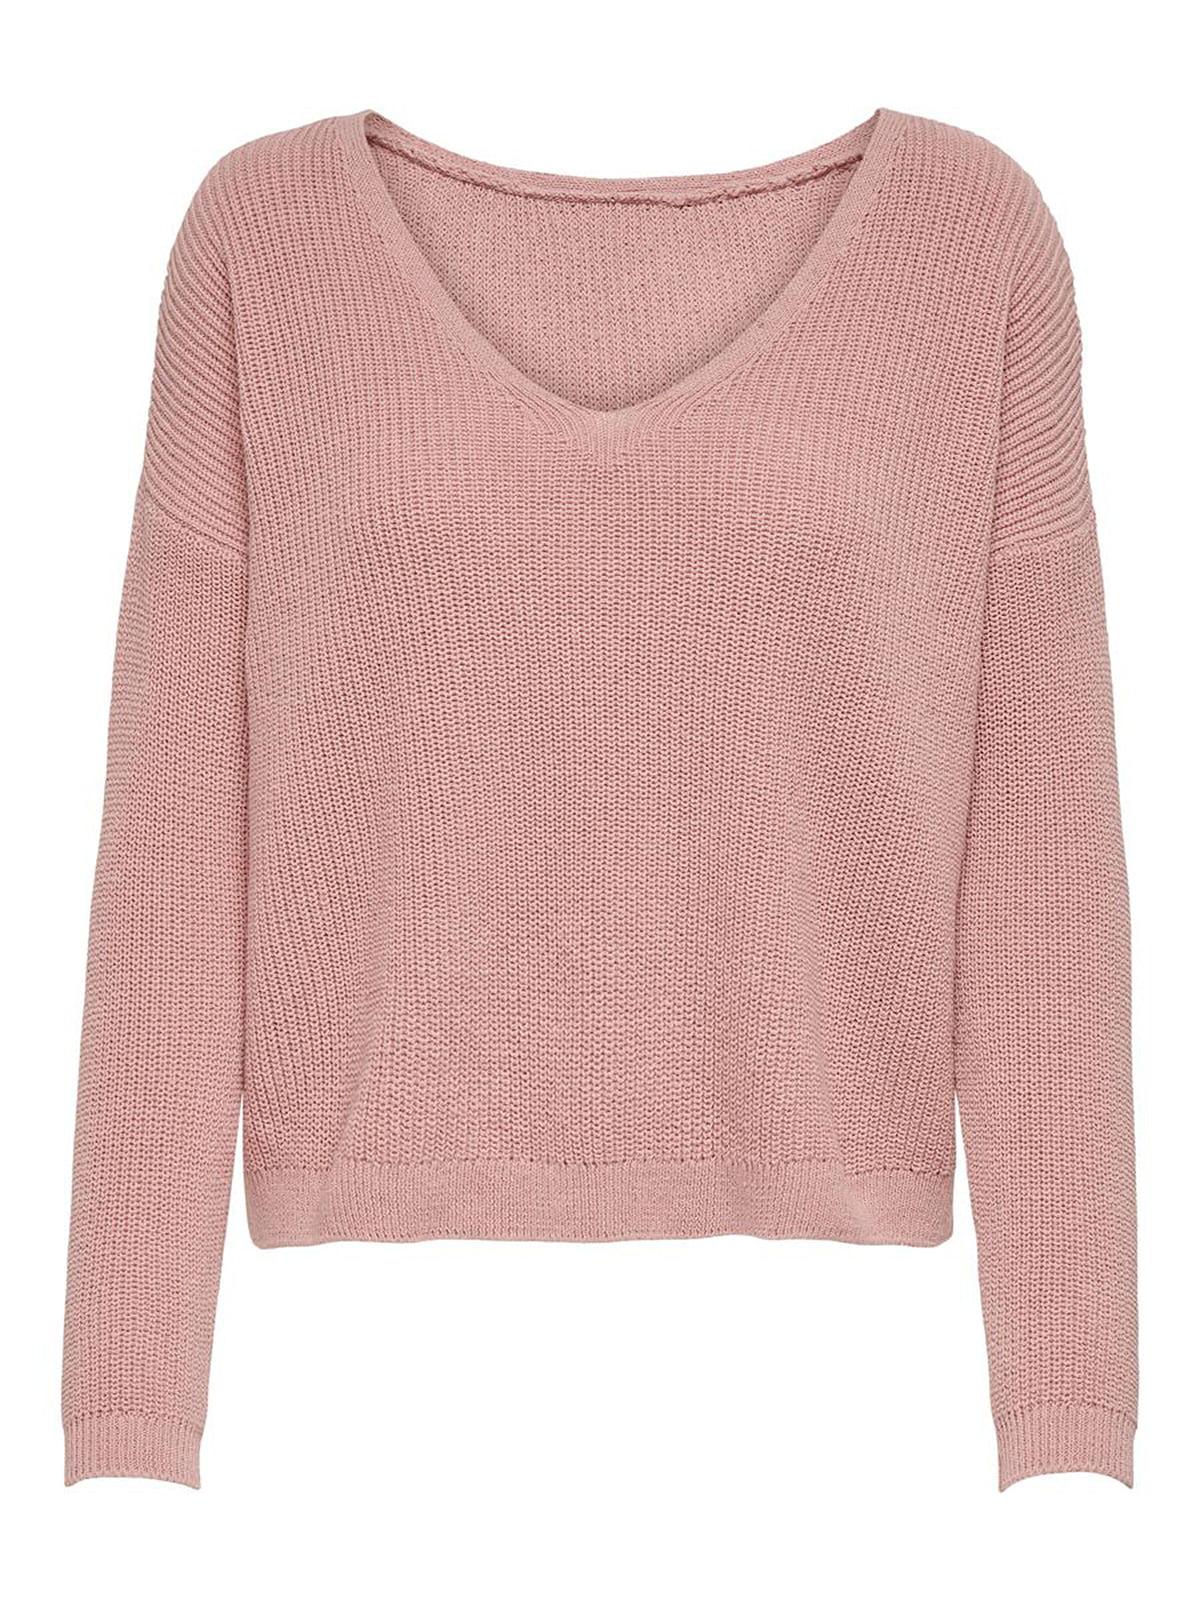 Пуловер розовый   5618335